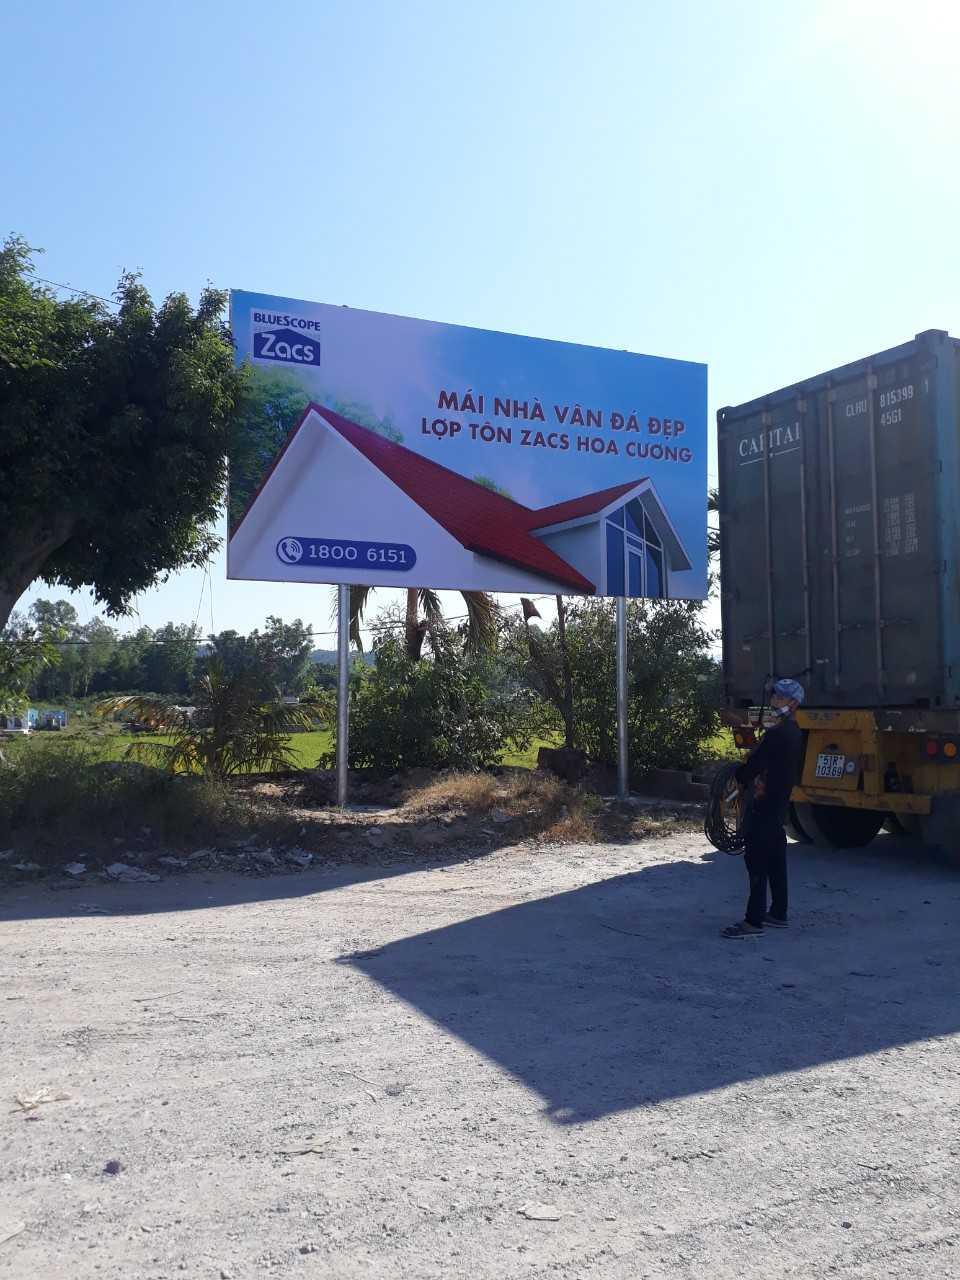 Quảng cáo billboard tại CHXD Sáu Ngãi - phường Nhơn Phú, Tp. Quy Nhơn, tỉnh Bình Định - 1 biển trụ nhỏ